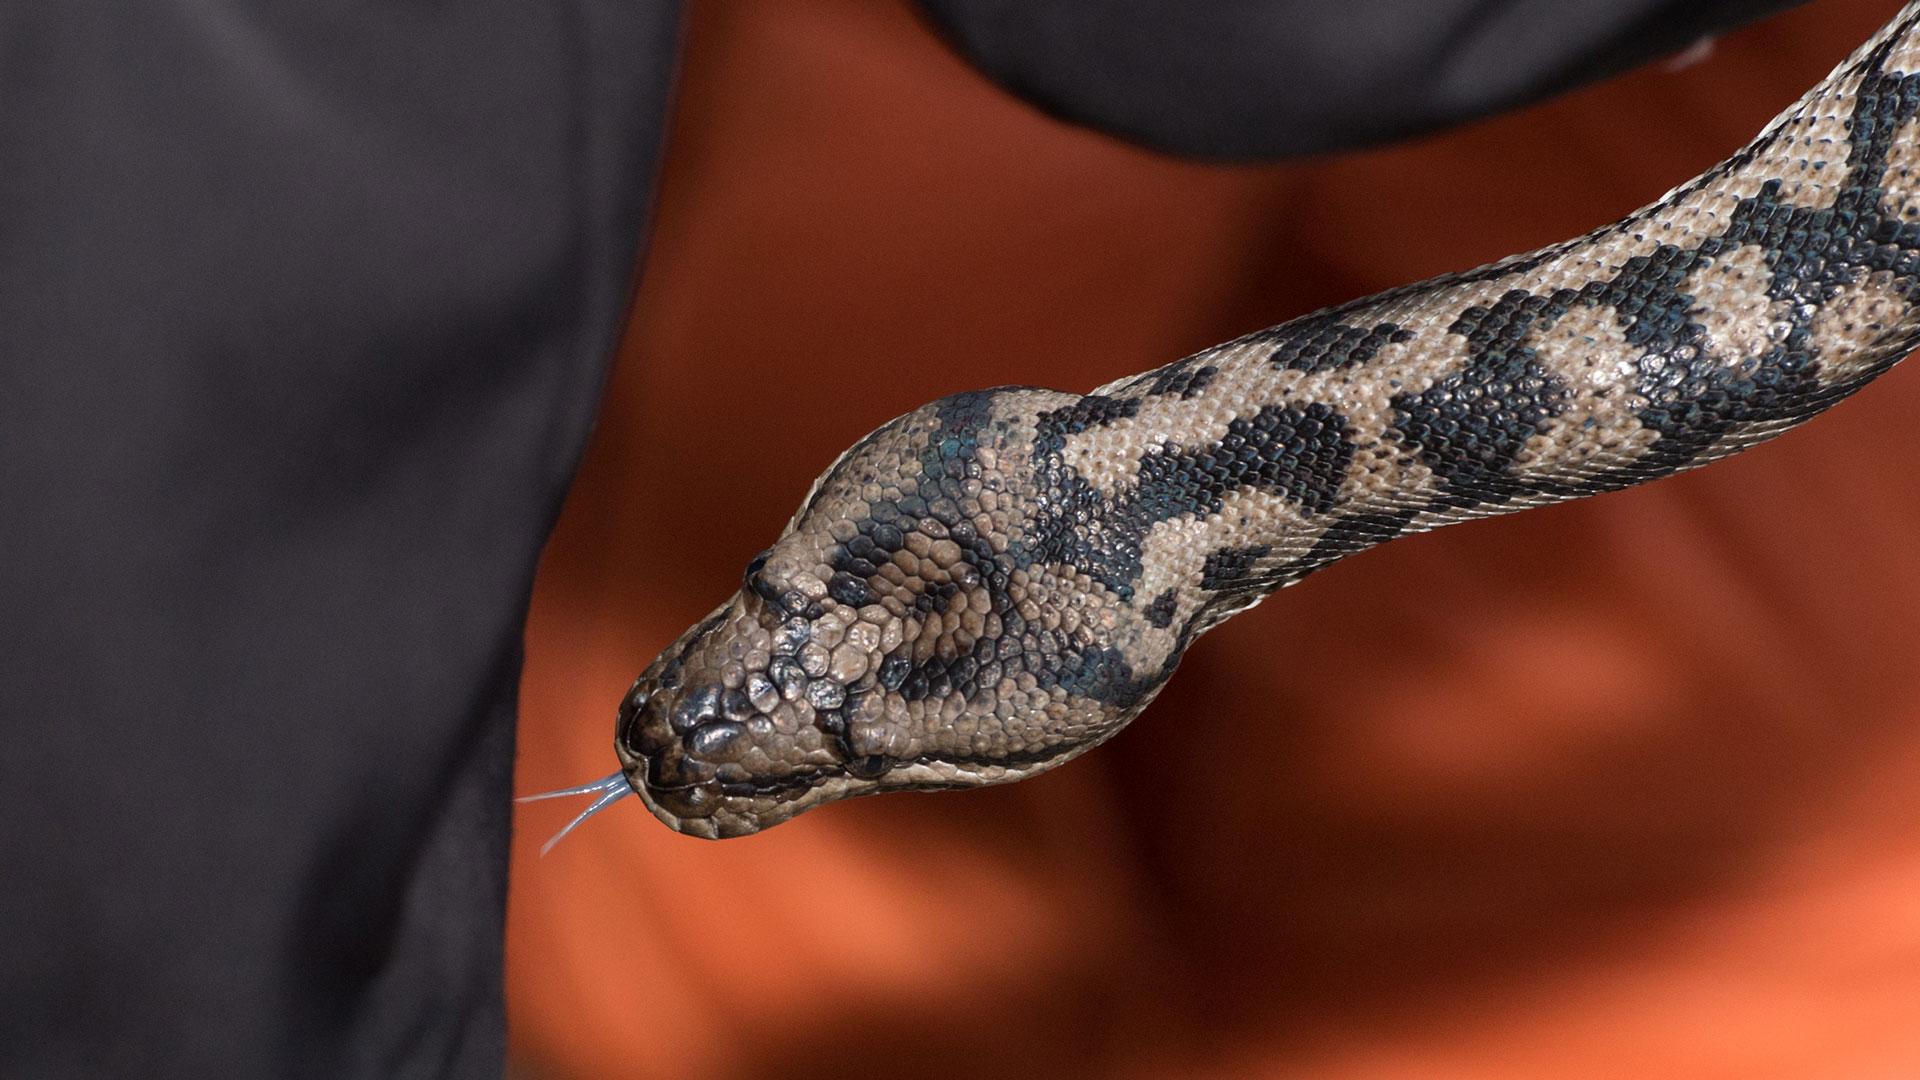 El misterio de 'el huevo de la serpiente' deja a los expertos luchando